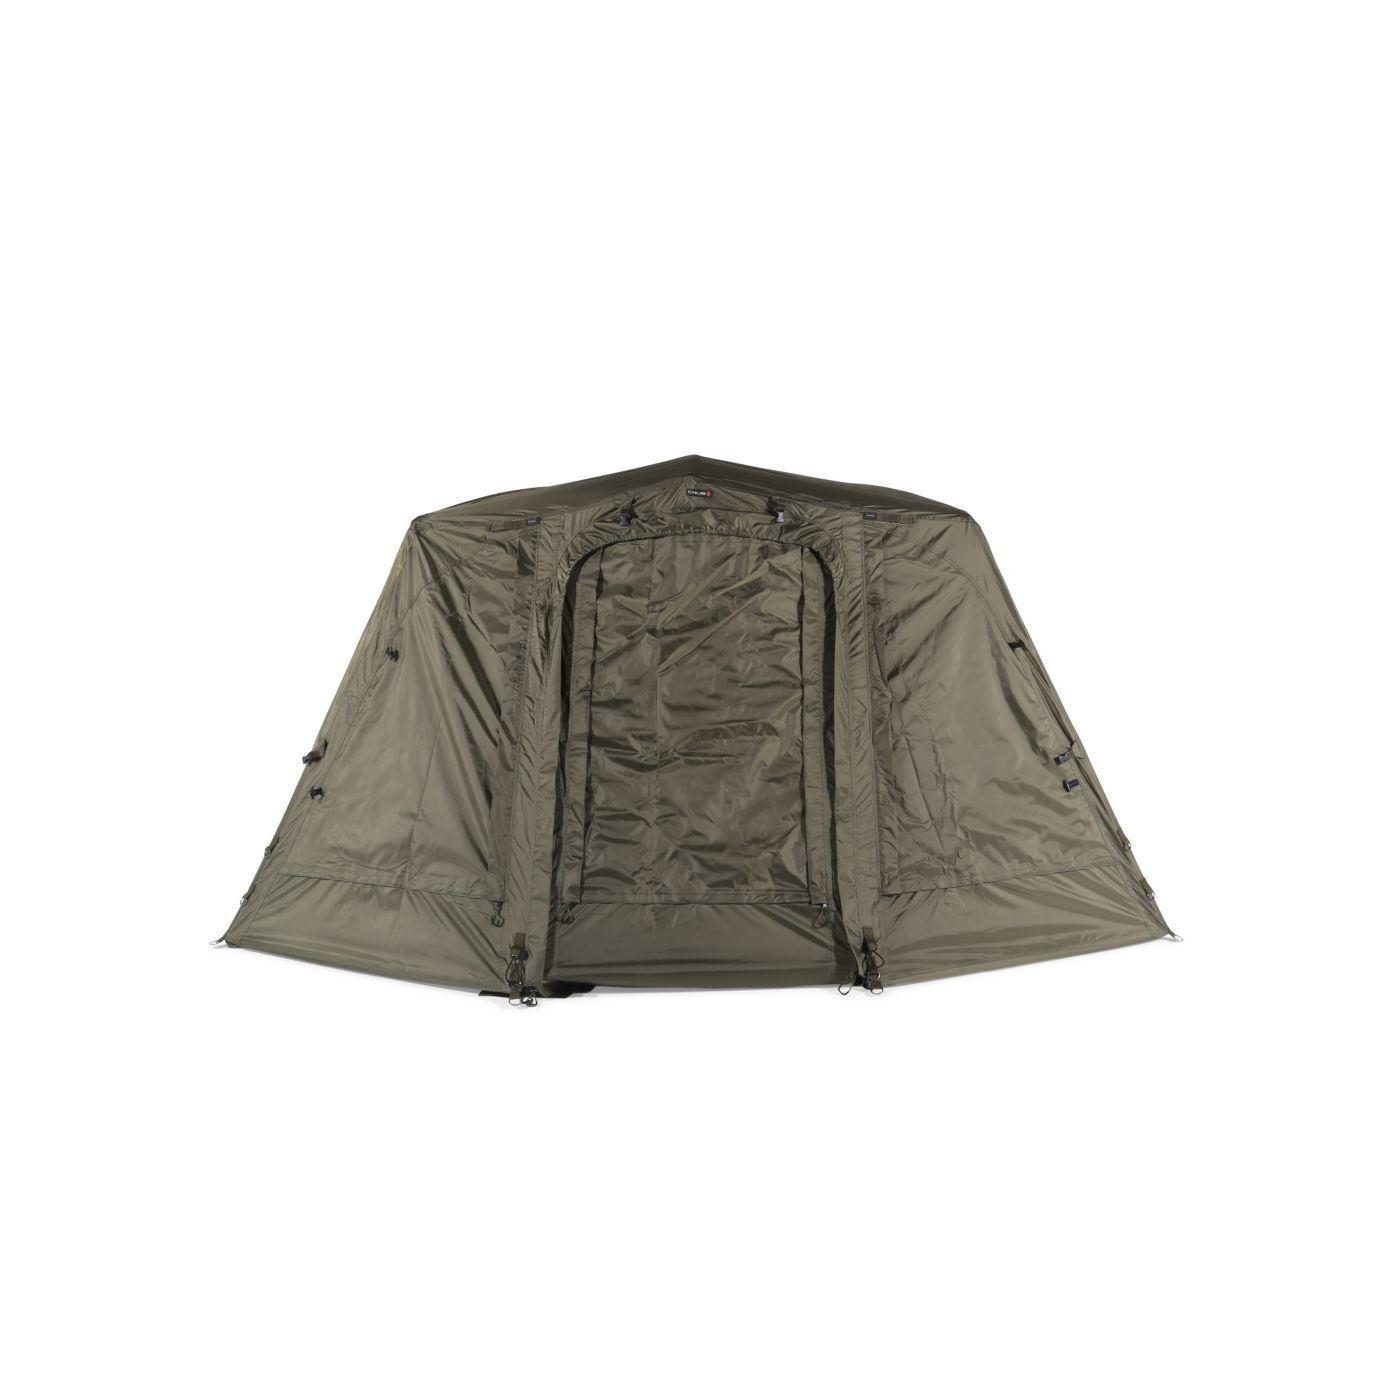 Airsoft Us Army Ucp Acu At Digital Uniform Tarnhose Hose Digi Camo Xsmall Regular Soft And Antislippery